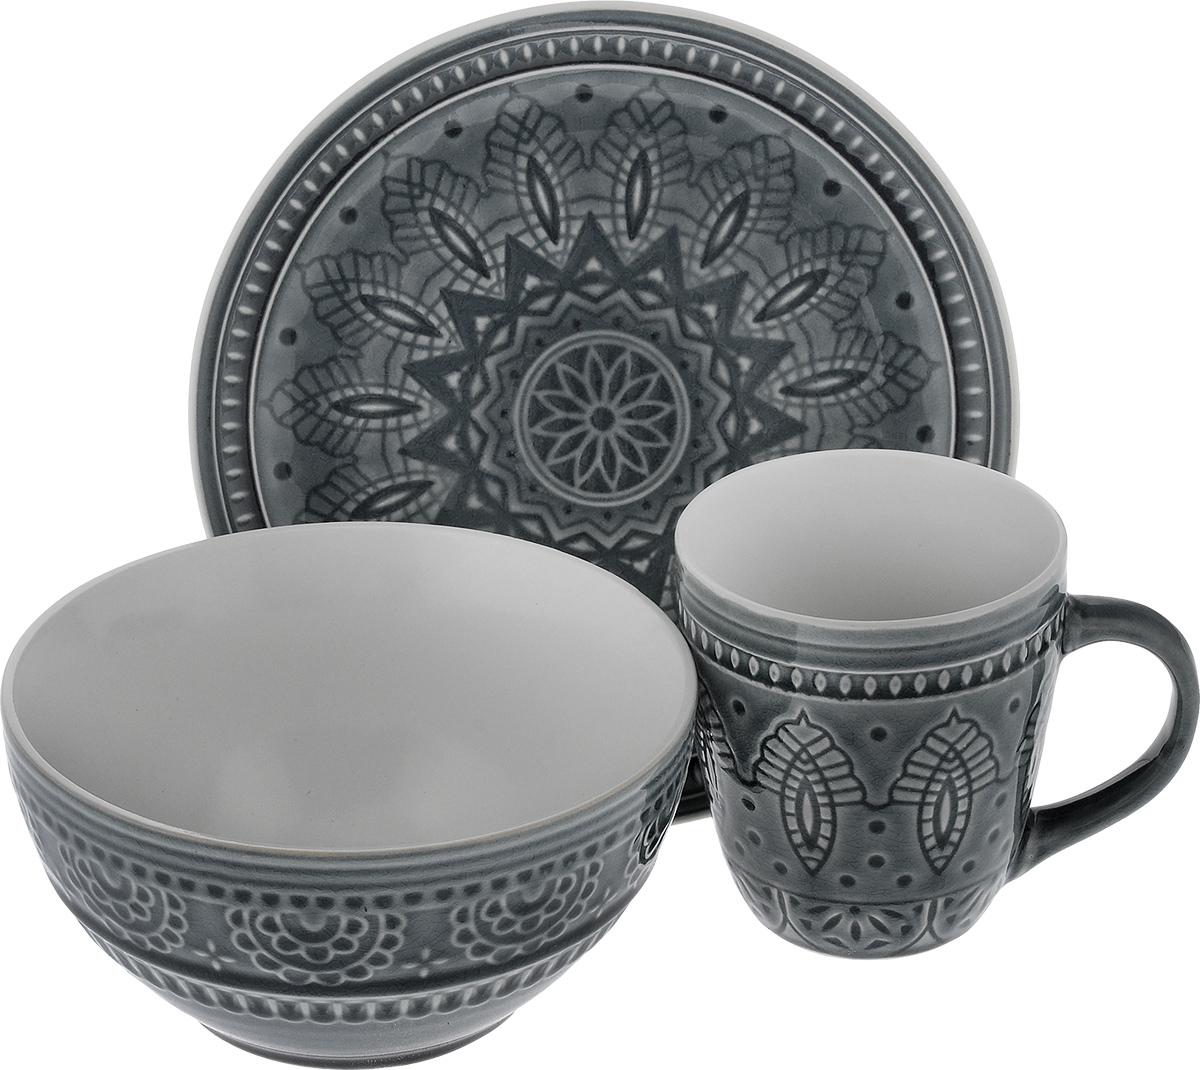 Набор столовой посуды Tongo, цвет: серый, 3 предметаТ3063 в коробкеНабор столовой посуды Tongo состоит из салатника, кружки, десертной тарелки. Изделиявыполнены из экологически чистой каменной керамики, покрытой сверкающей глазурью. Посудаоформлена изысканным рельефным орнаментом. Поверхность слегка потрескавшаяся, чтопридает изделию винтажный вид и оттенок старины.Такой набор посуды прекрасно подходит как для торжественных случаев, так и дляповседневного использования. Стильный дизайн изящно украсит сервировку стола.Можно использовать в посудомоечной машине и СВЧ.Диаметр десертной тарелки: 20,5 см.Объем салатника: 800 мл.Диаметр салатника (по верхнему краю): 16 см.Высота салатника: 8 см.Объем кружки: 350 мл.Диаметр кружки (по верхнему краю): 9 см.Высота кружки: 10 см.